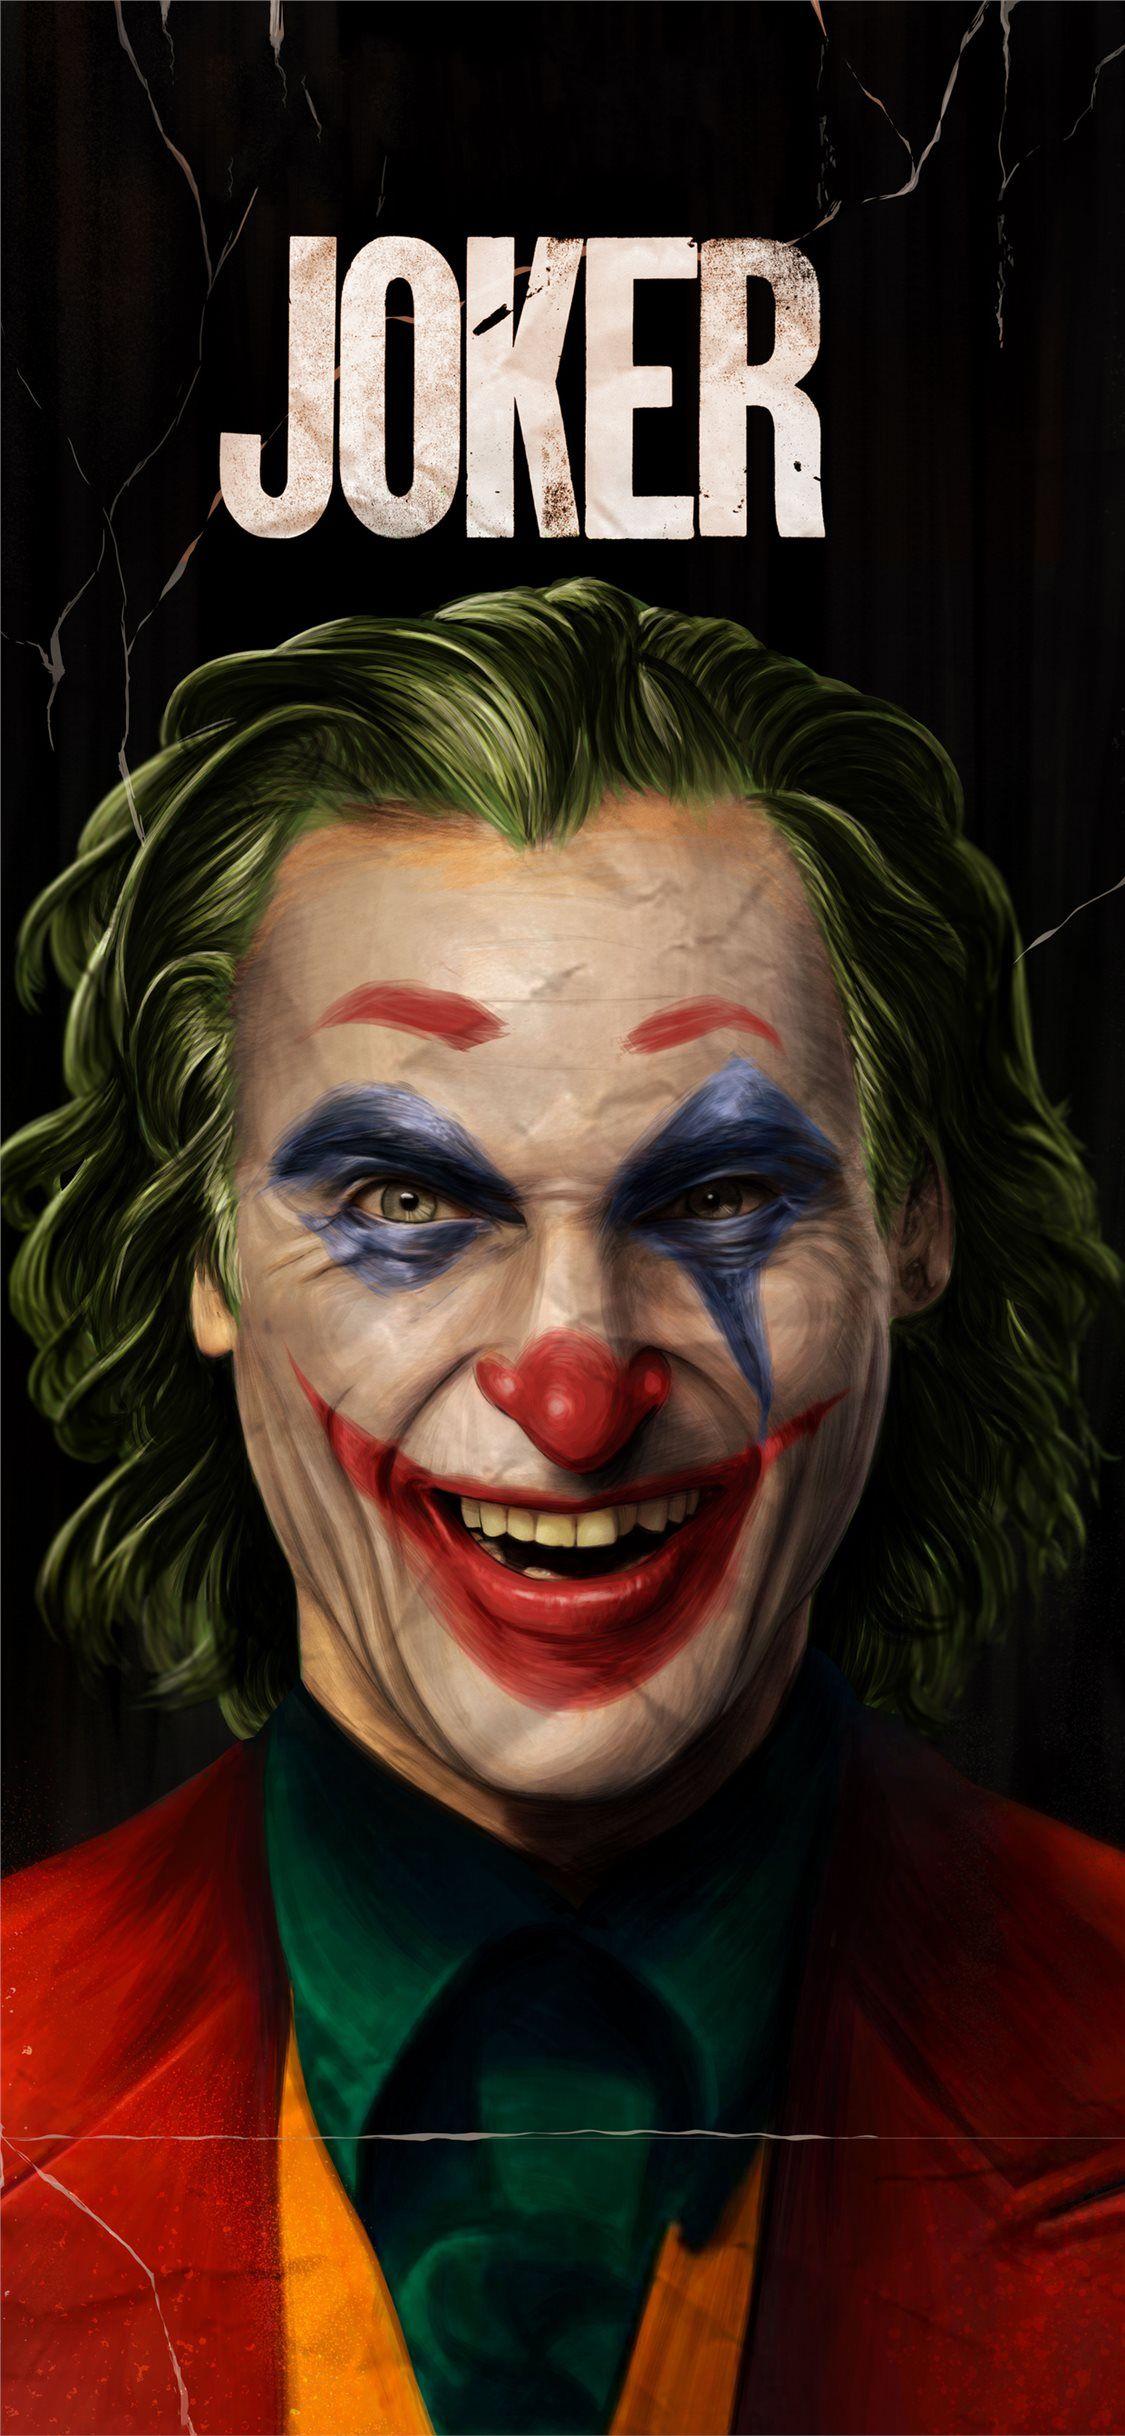 5k joker joaquin phoenix 2019 iPhone X Wallpapers Joker